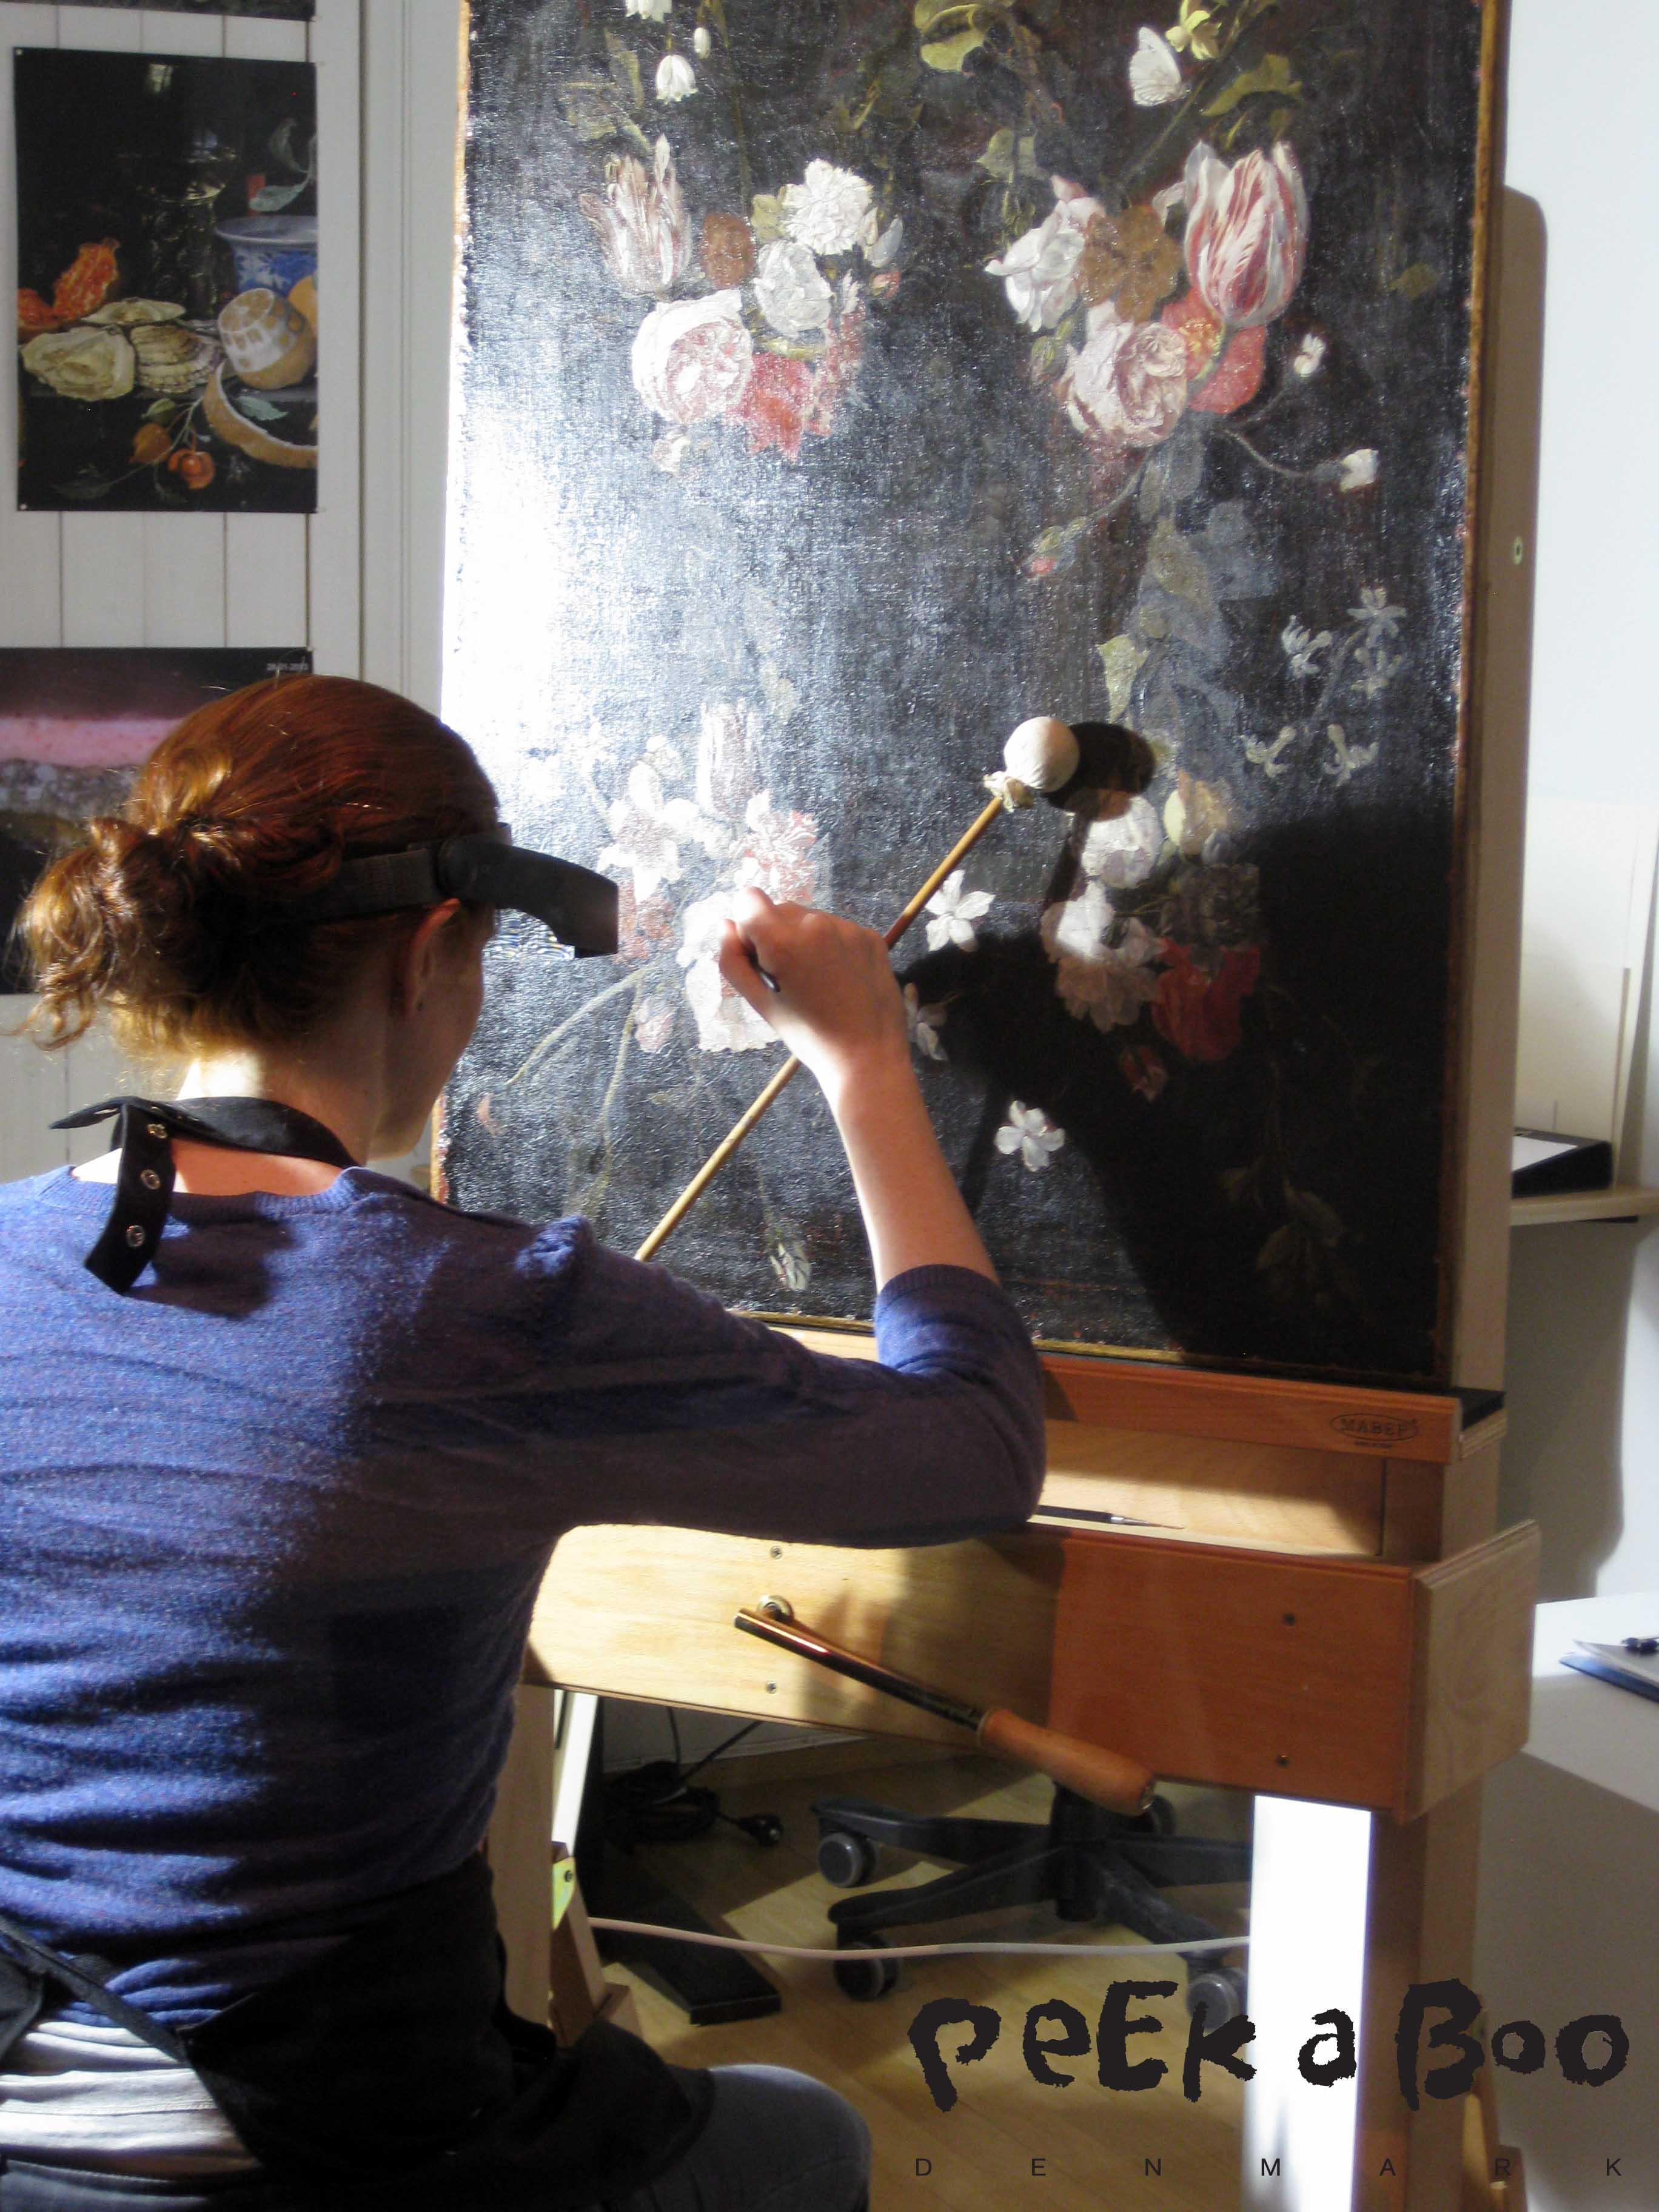 Konservator igang med restaureringen af et af de gamle malerier